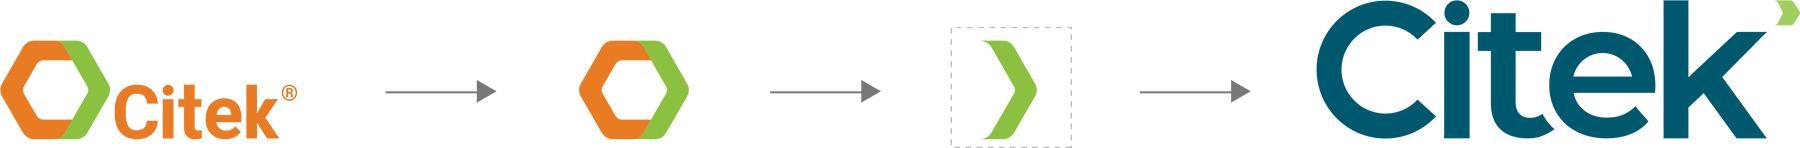 Citek công bố hệ thống nhận diện thương hiệu mới từ 15/07/2020